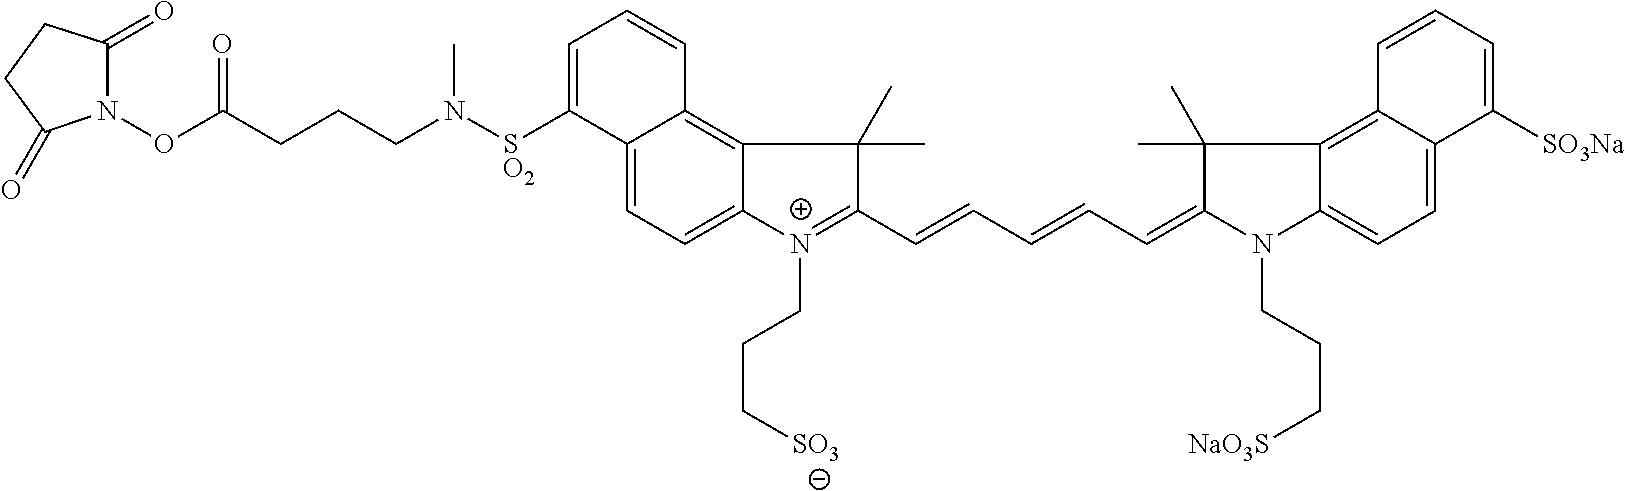 Figure US08685370-20140401-C00028